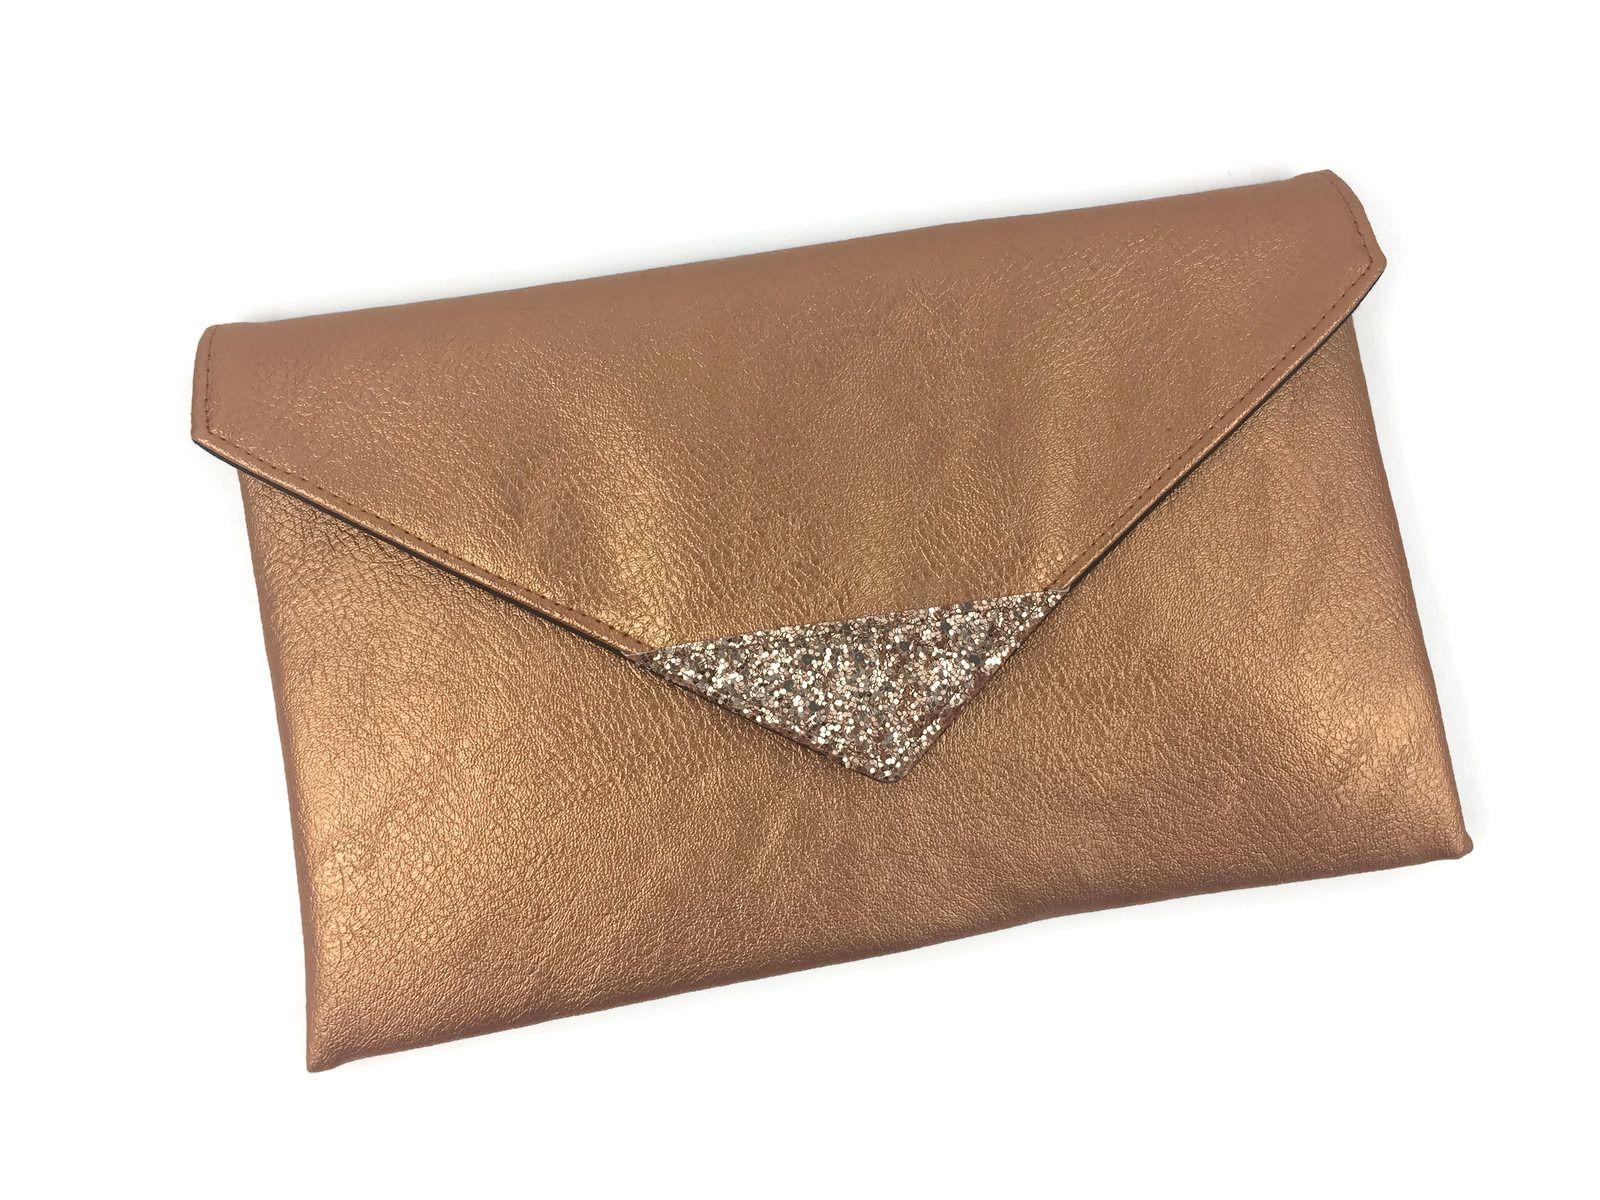 pochette de soir e en en simili cuir cuivr et paillettes rose gold sacs main par fil des. Black Bedroom Furniture Sets. Home Design Ideas